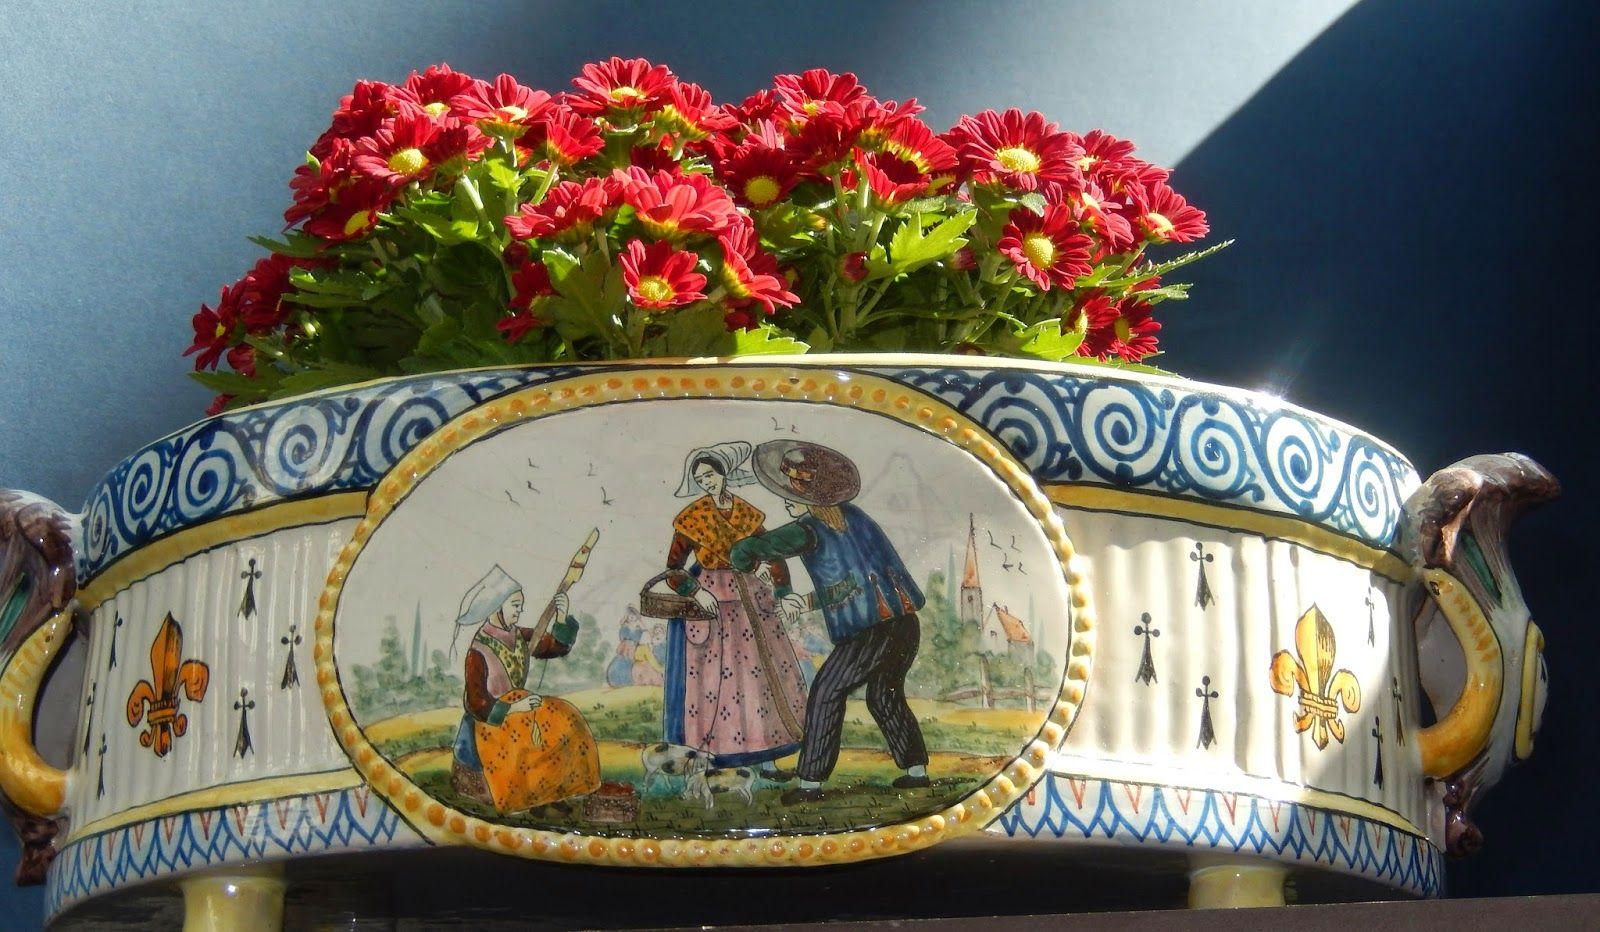 583d34ba47d48670b45339937db6d5d1 - Lauritzen Gardens Antique And Garden Show